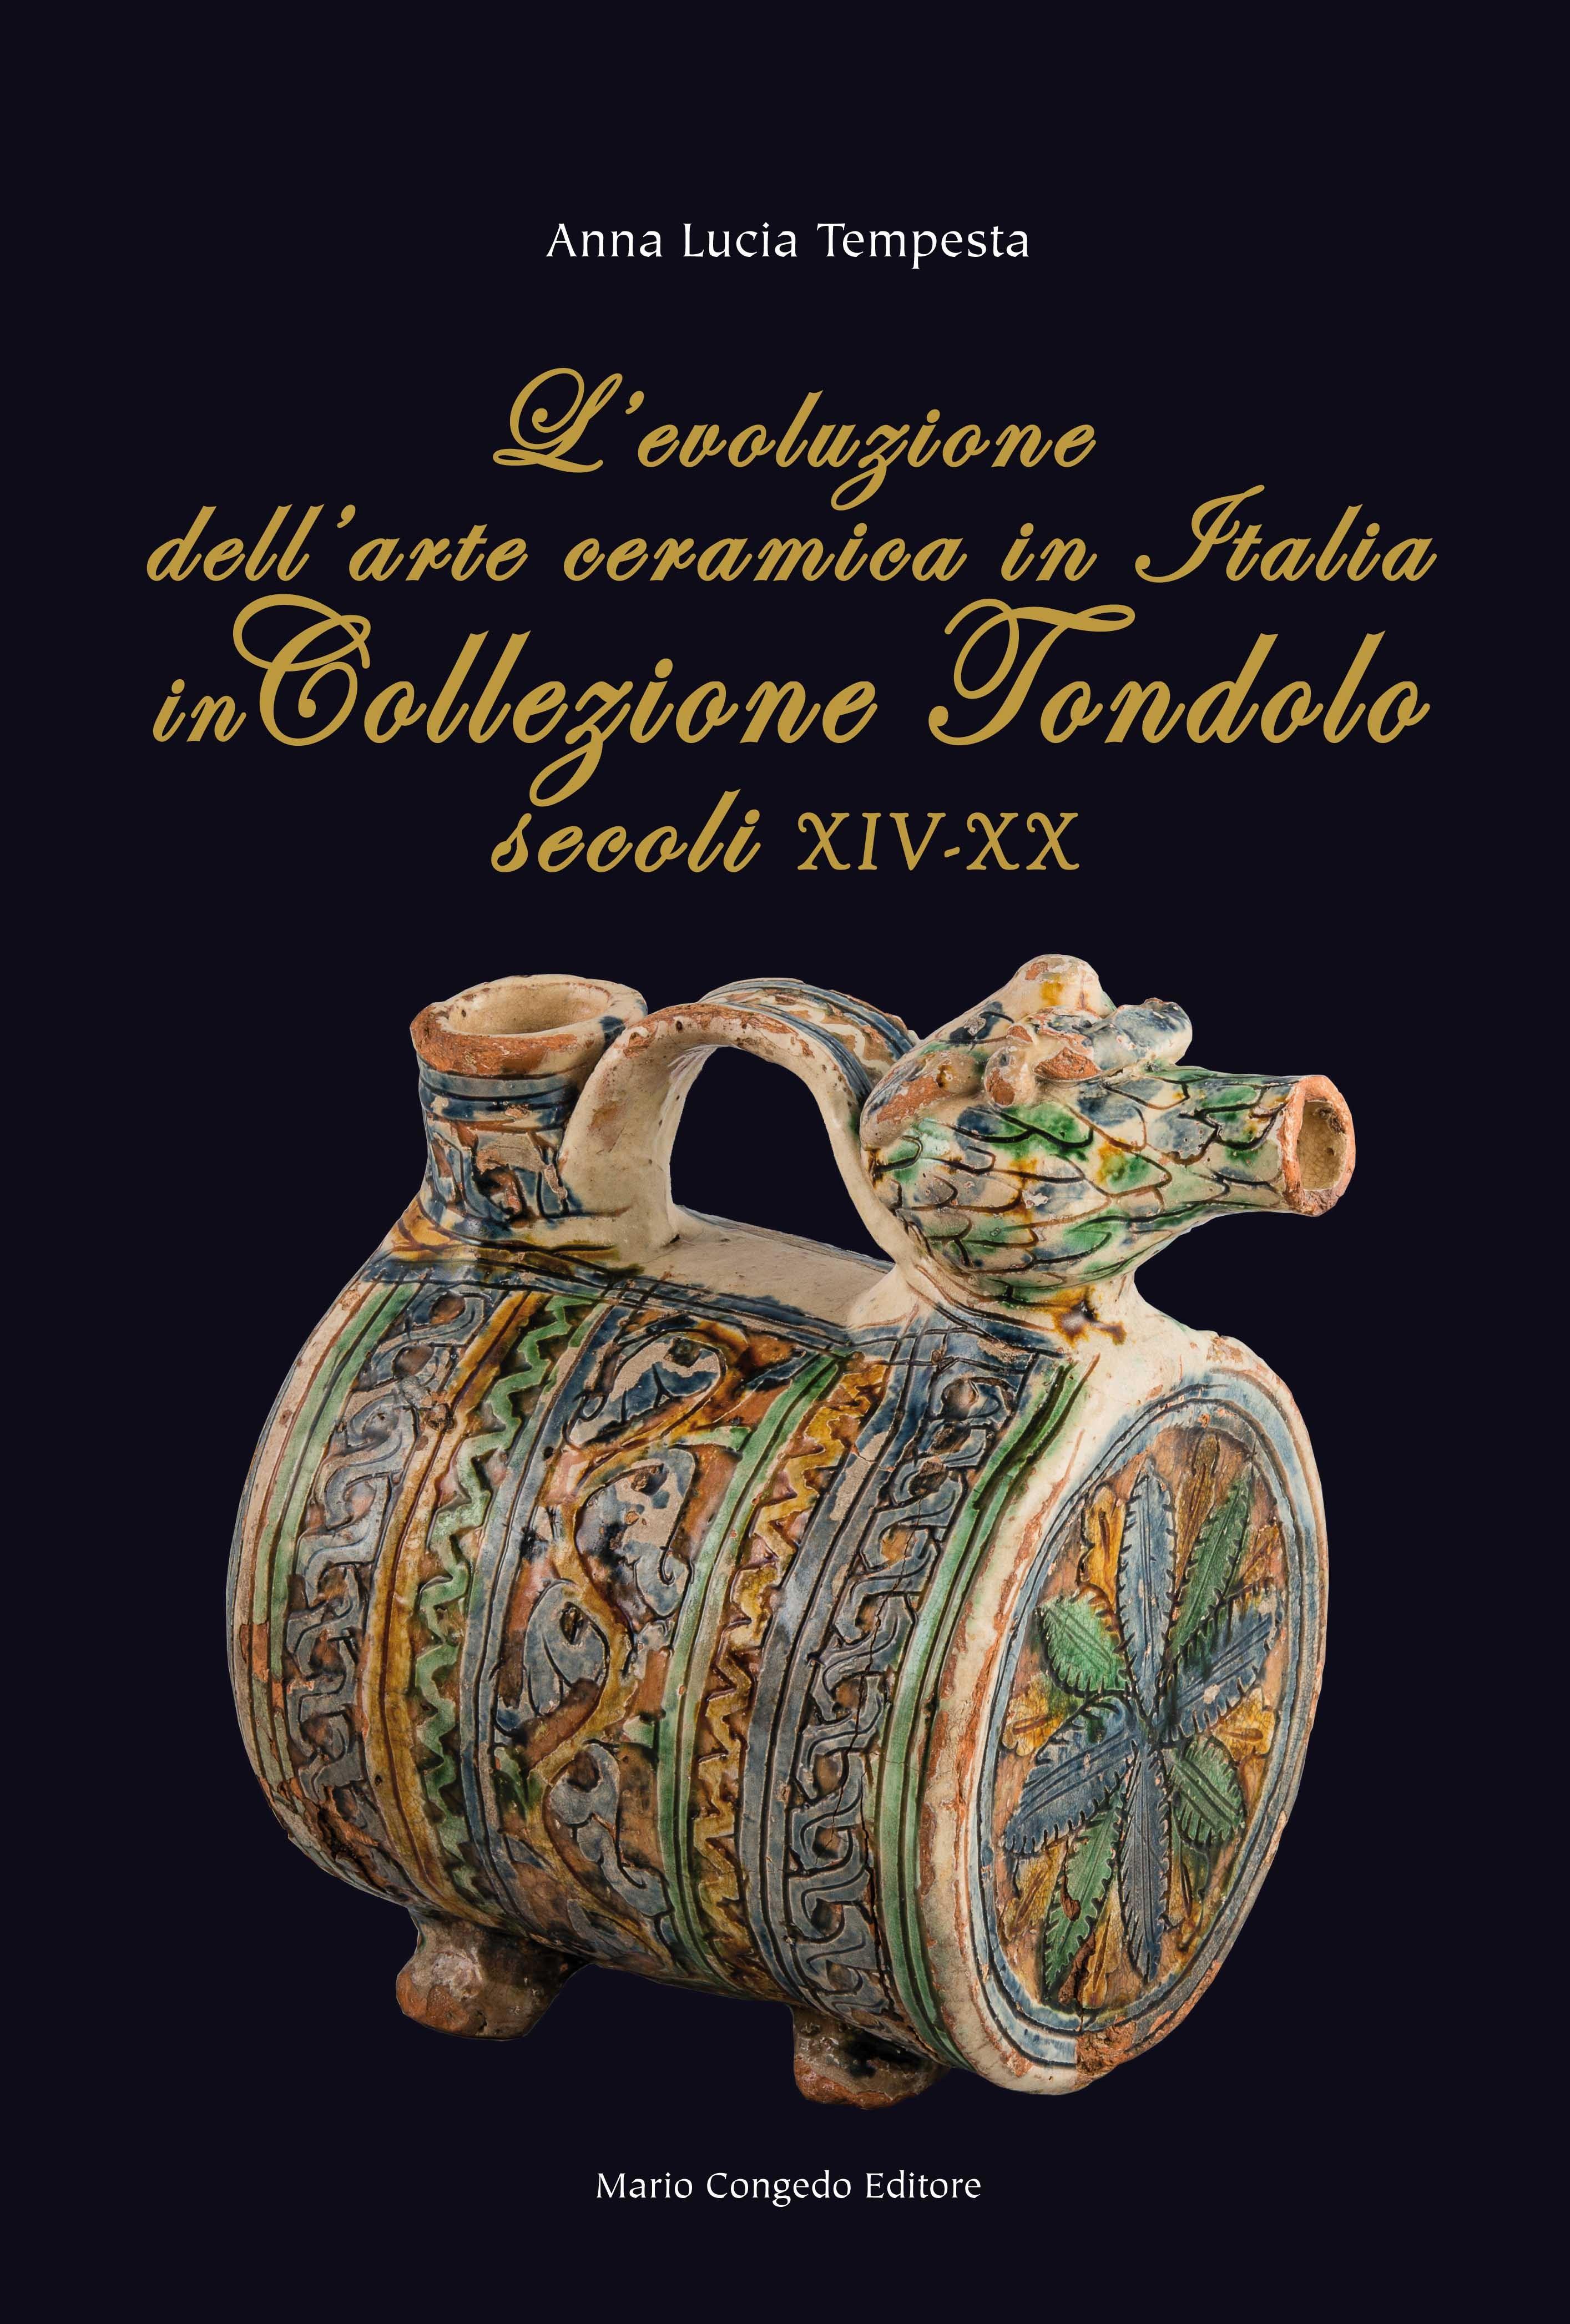 L'evoluzione dell'arte ceramica in Italia in Collezione Tondolo (secoli XIV-XX)